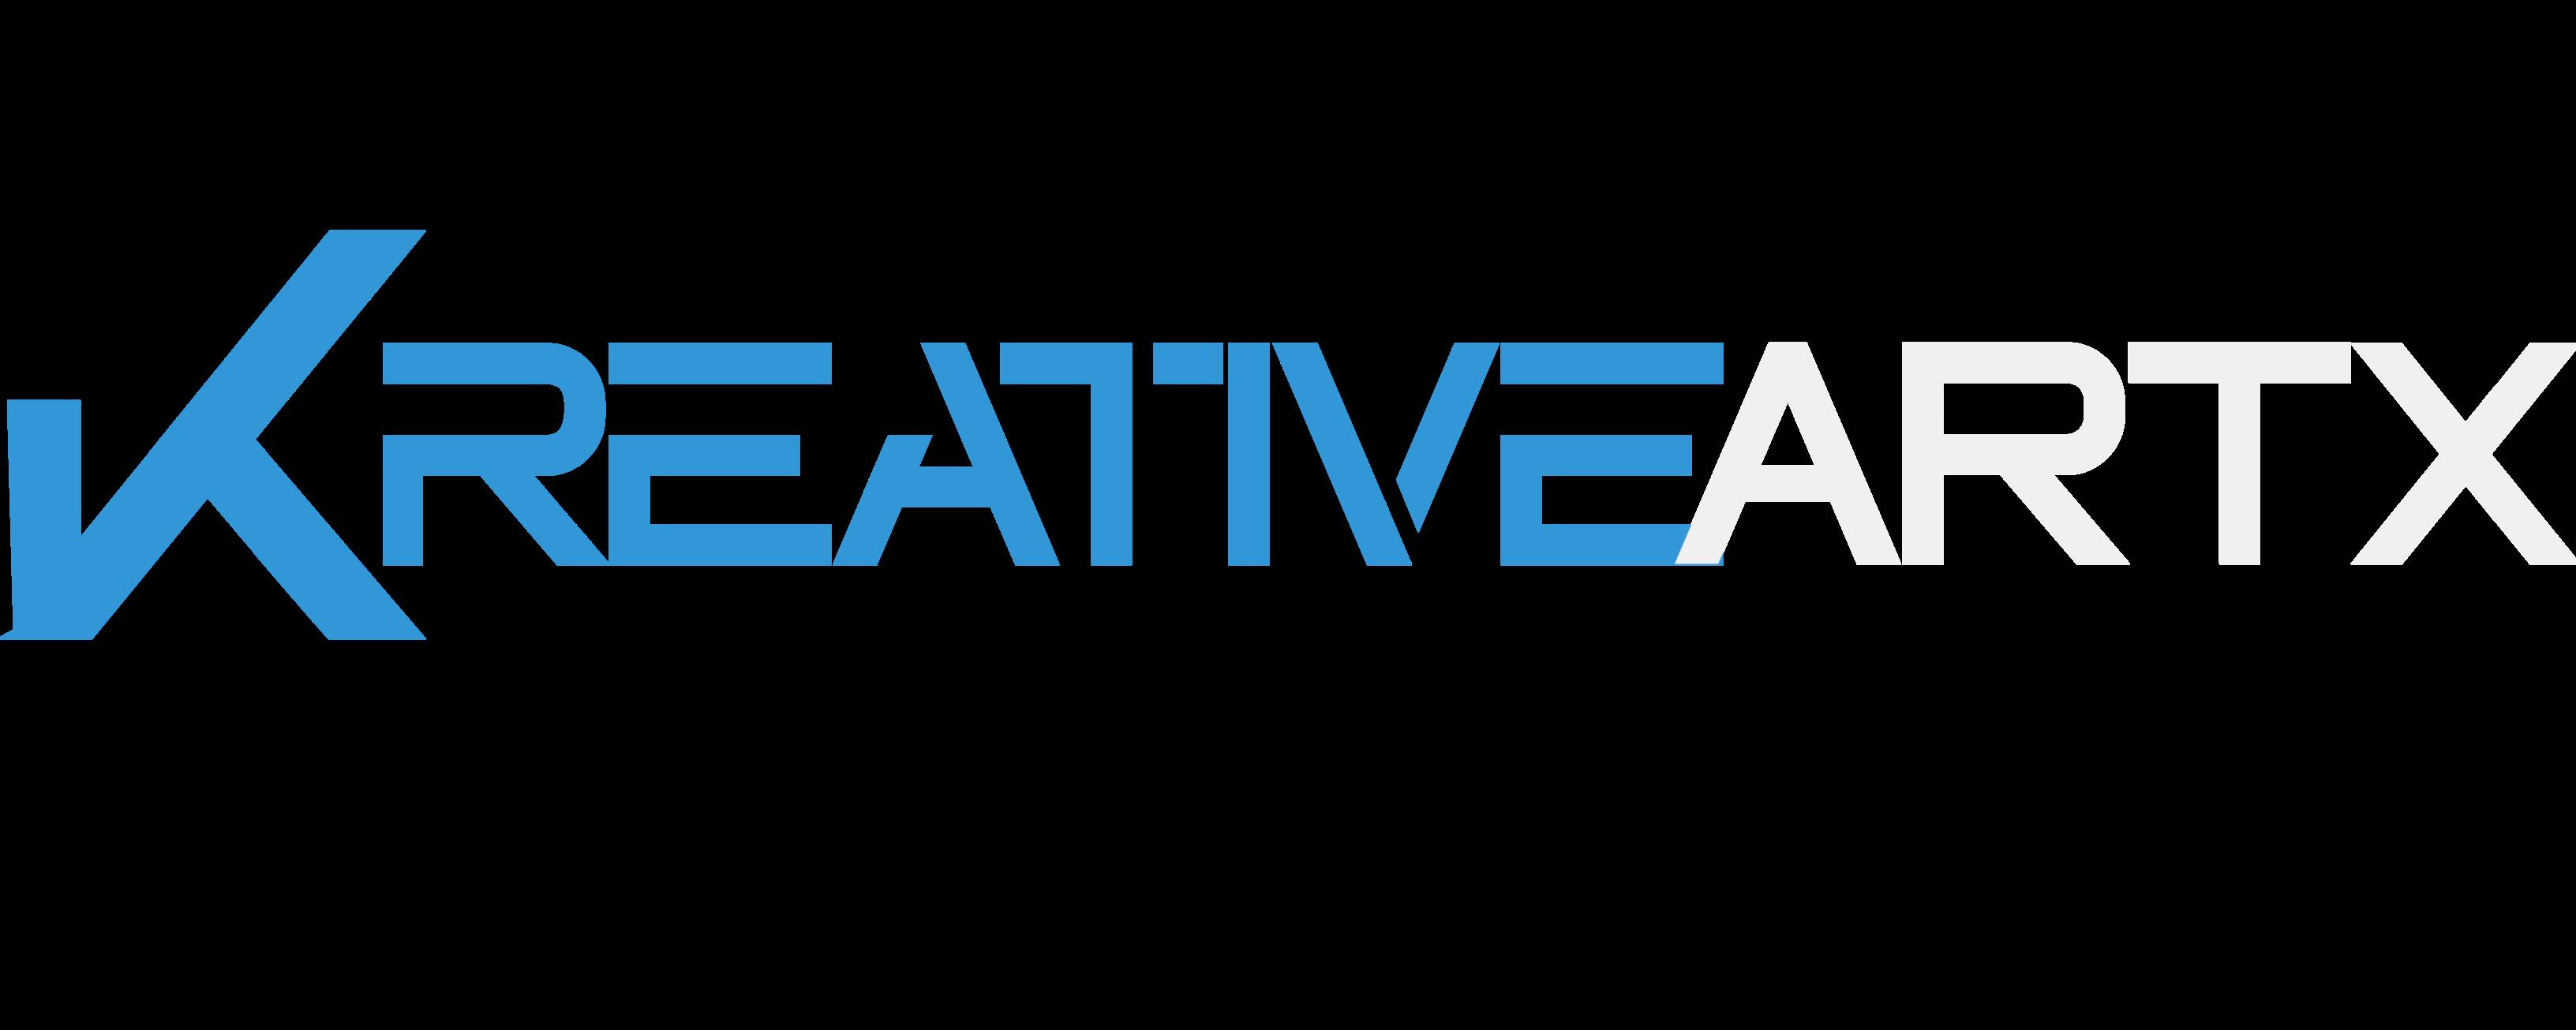 Kreativeartx